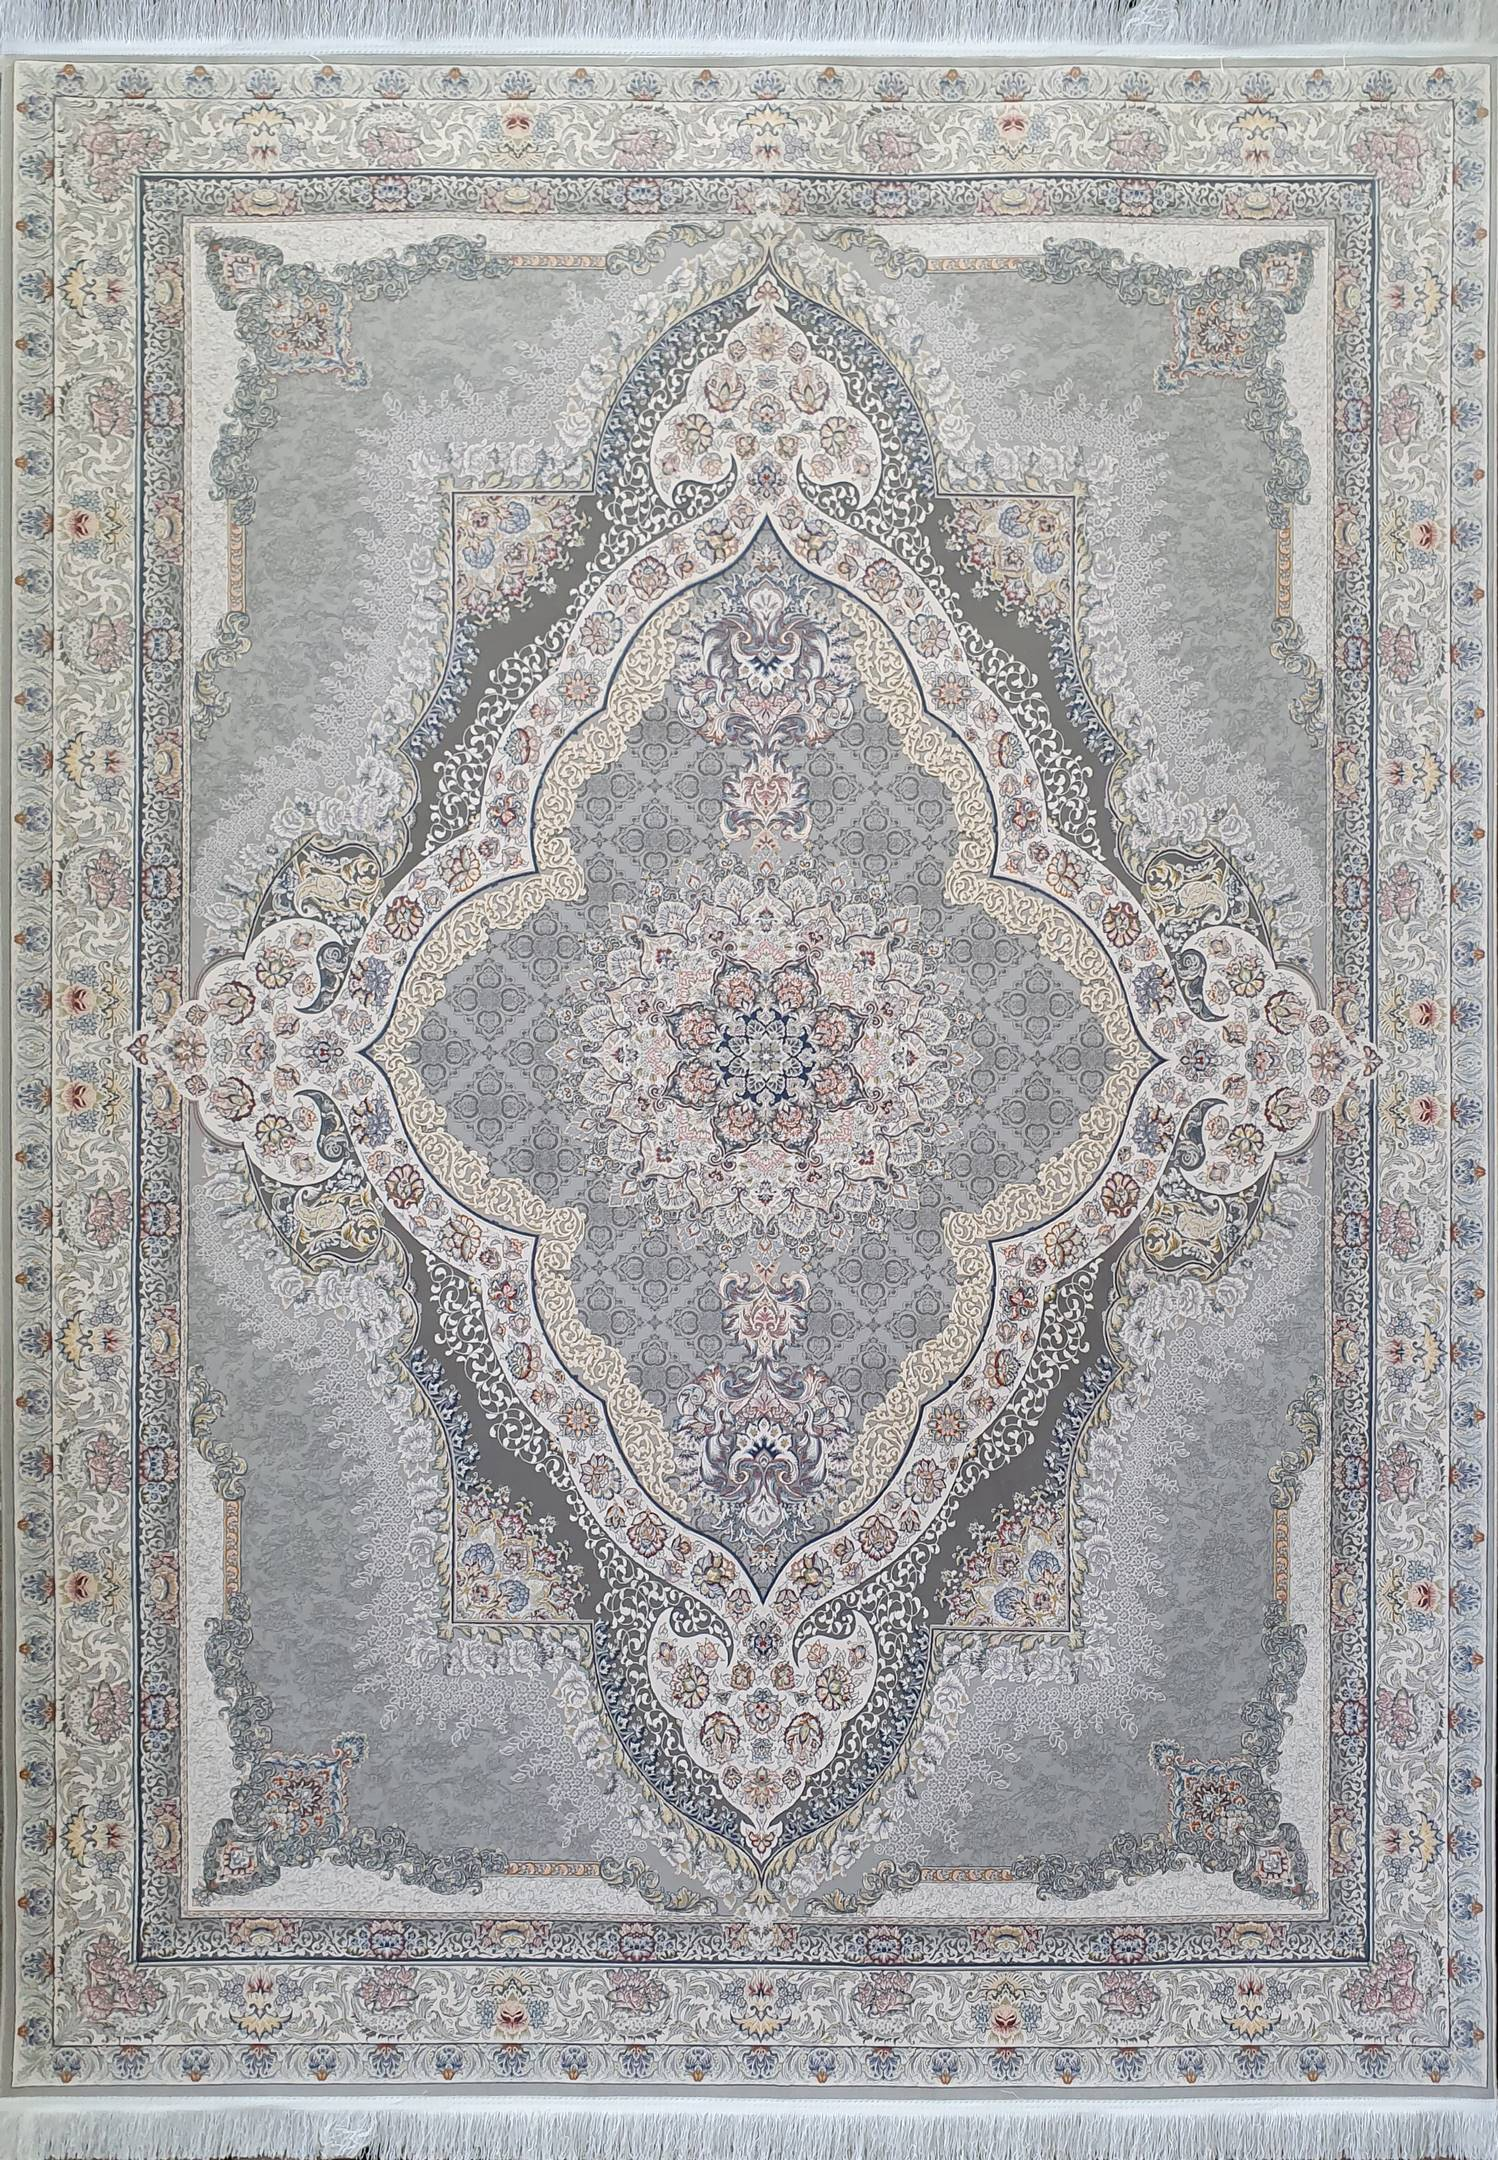 فرش نقشه رستا نقره ای  گلبرجسته